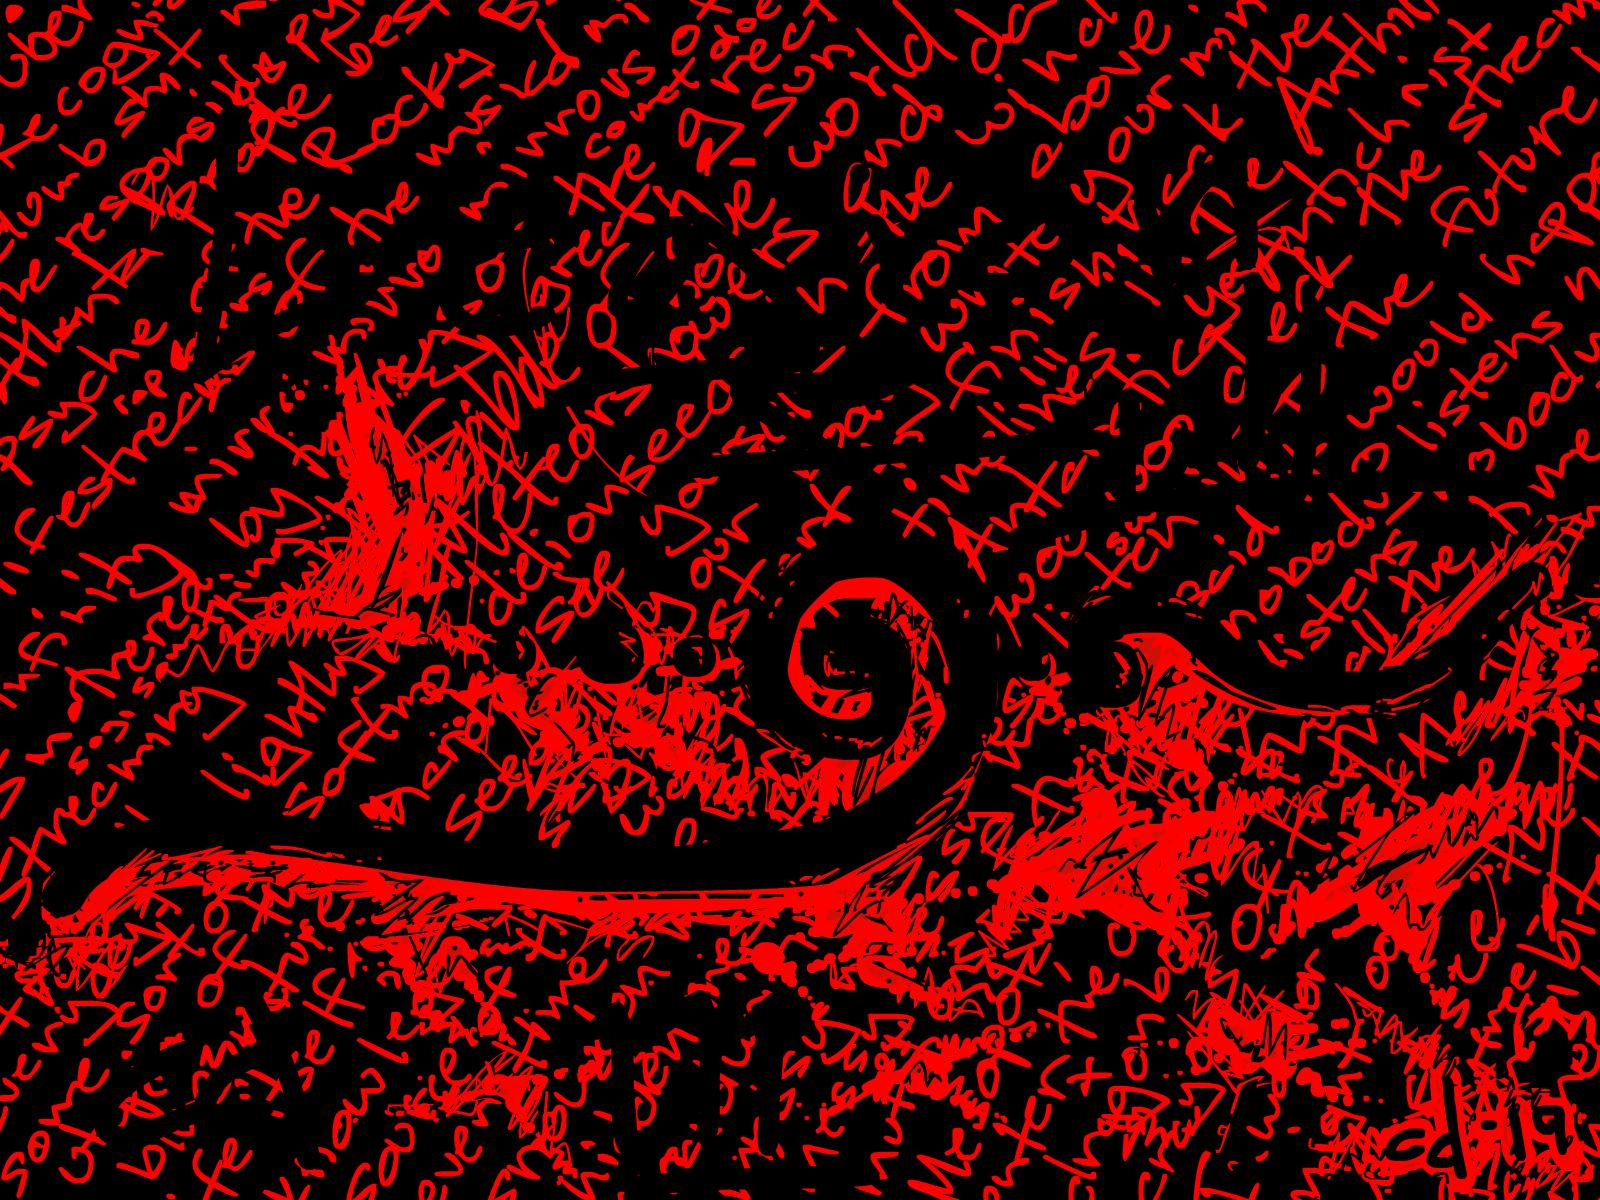 Inktober #29 Bloodswirls